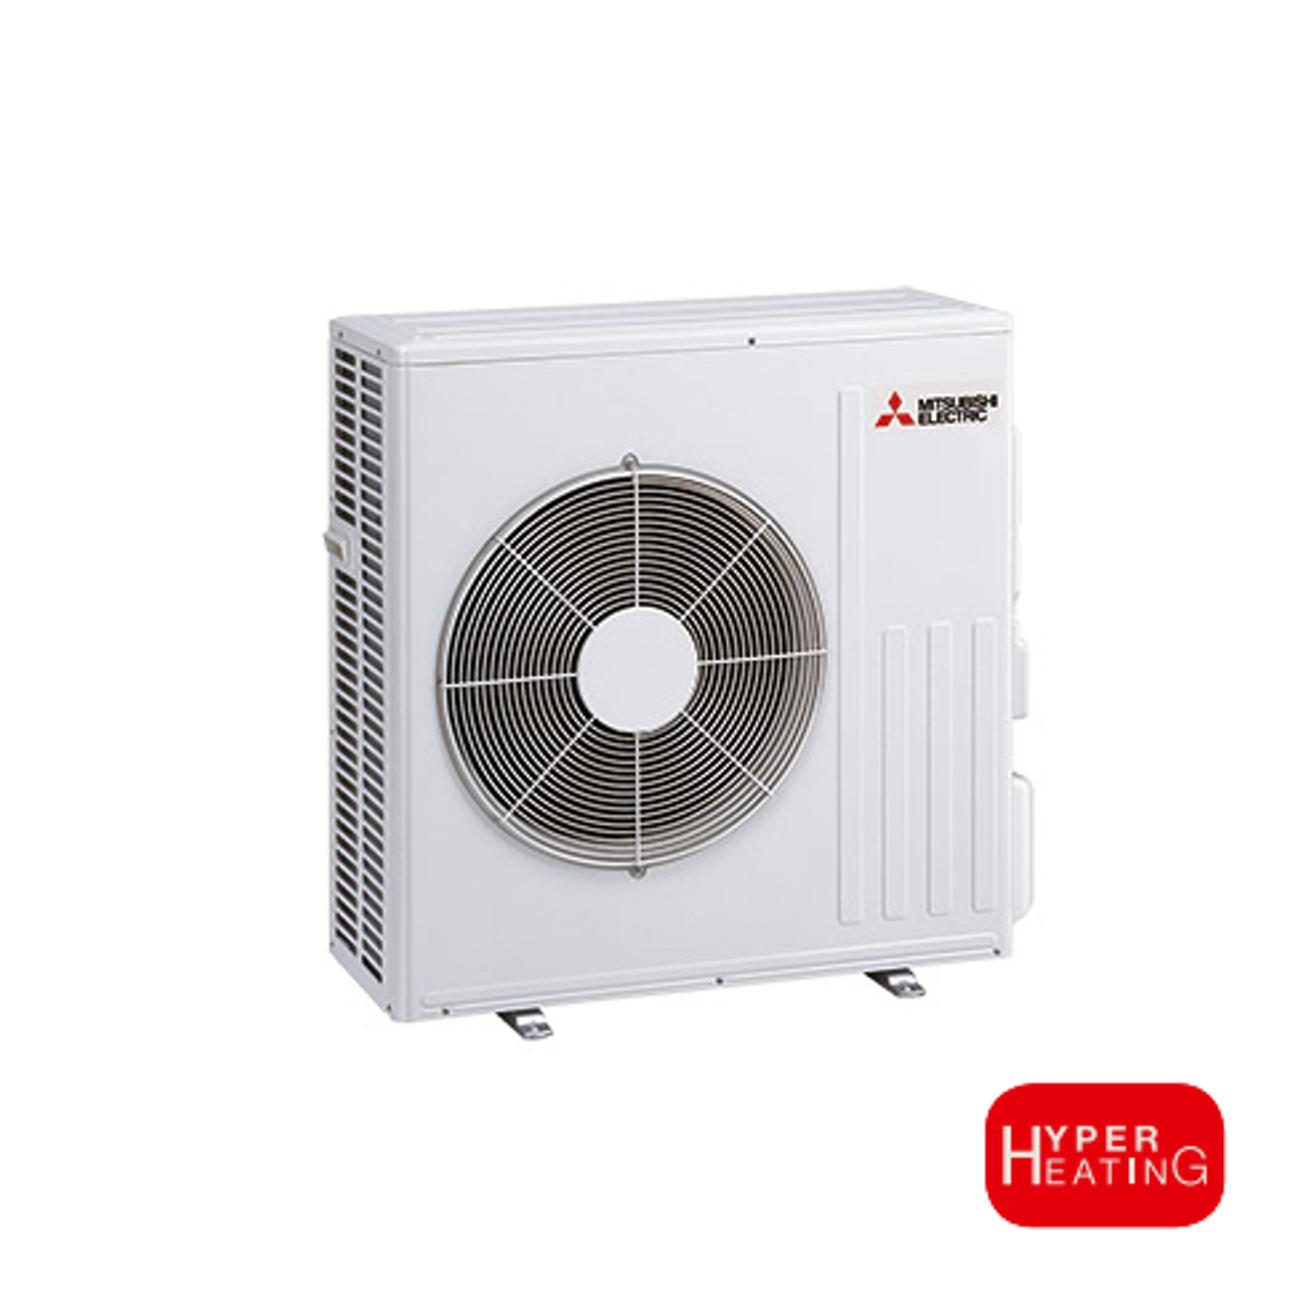 msz-ln-50-vg-aussen-hyper-heating